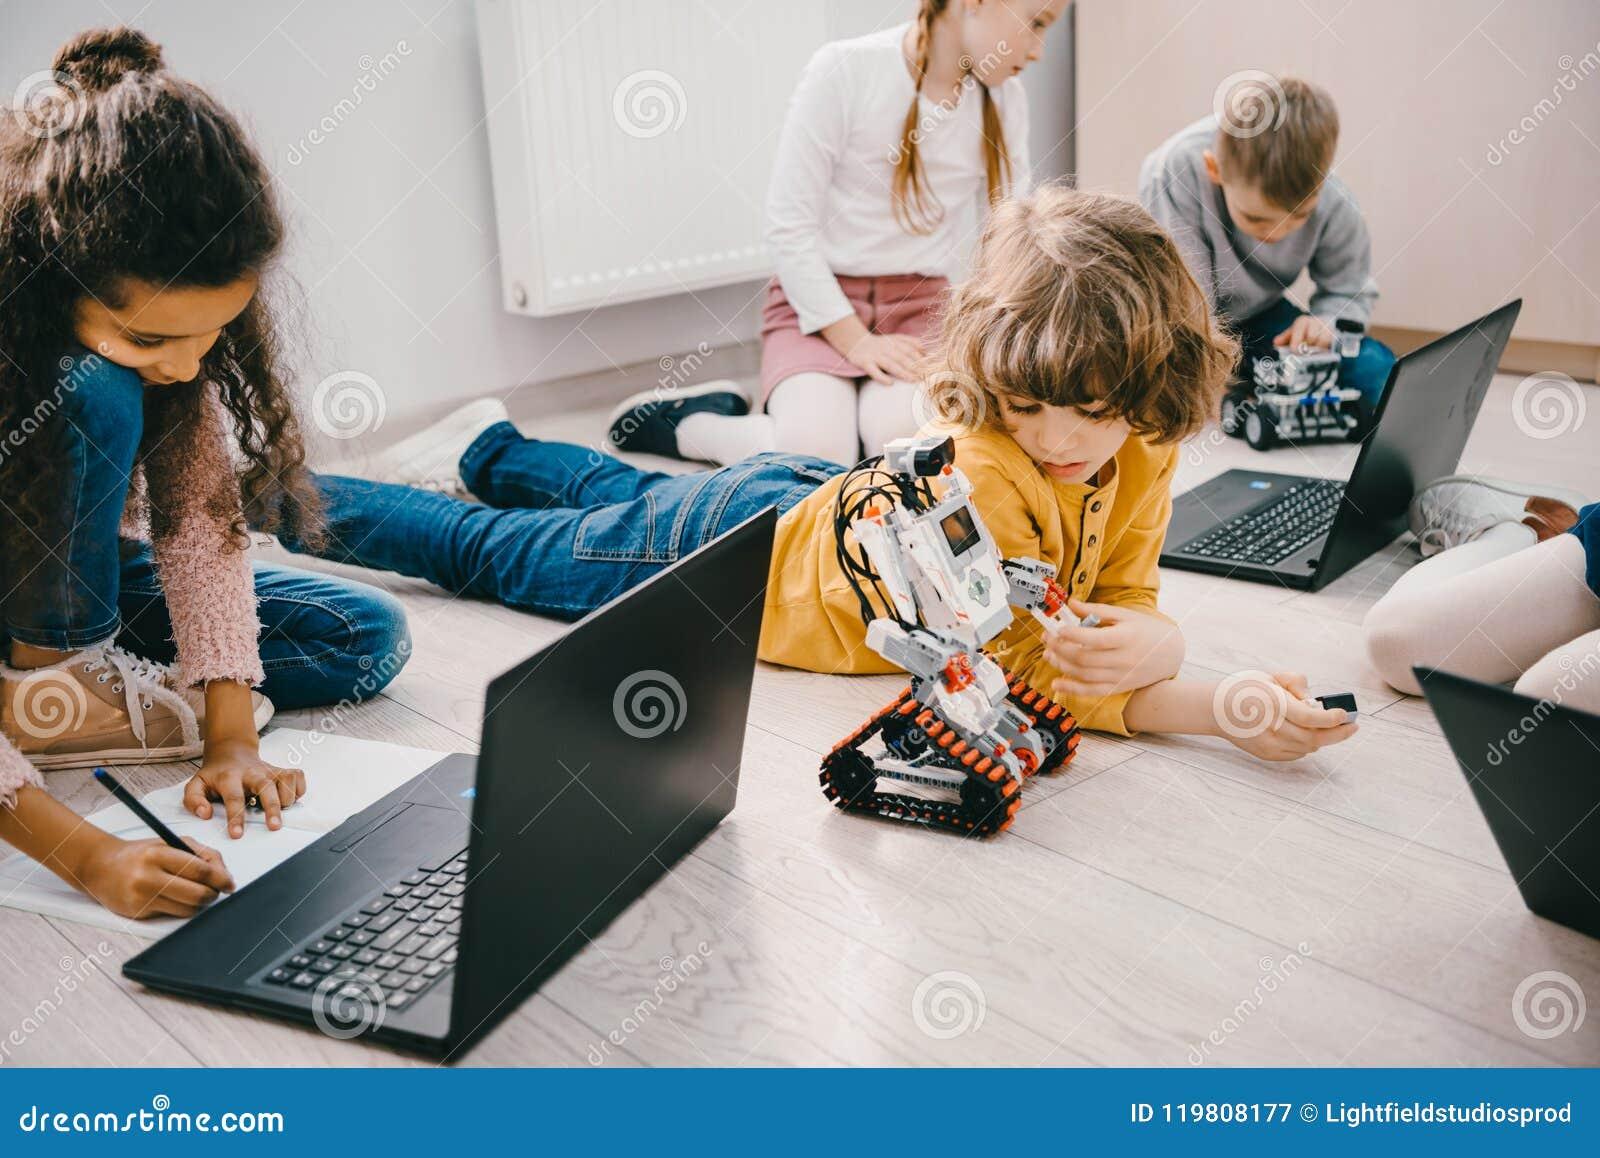 Kleine jonge geitjes die met laptops programmeren terwijl het zitten op vloer, stam